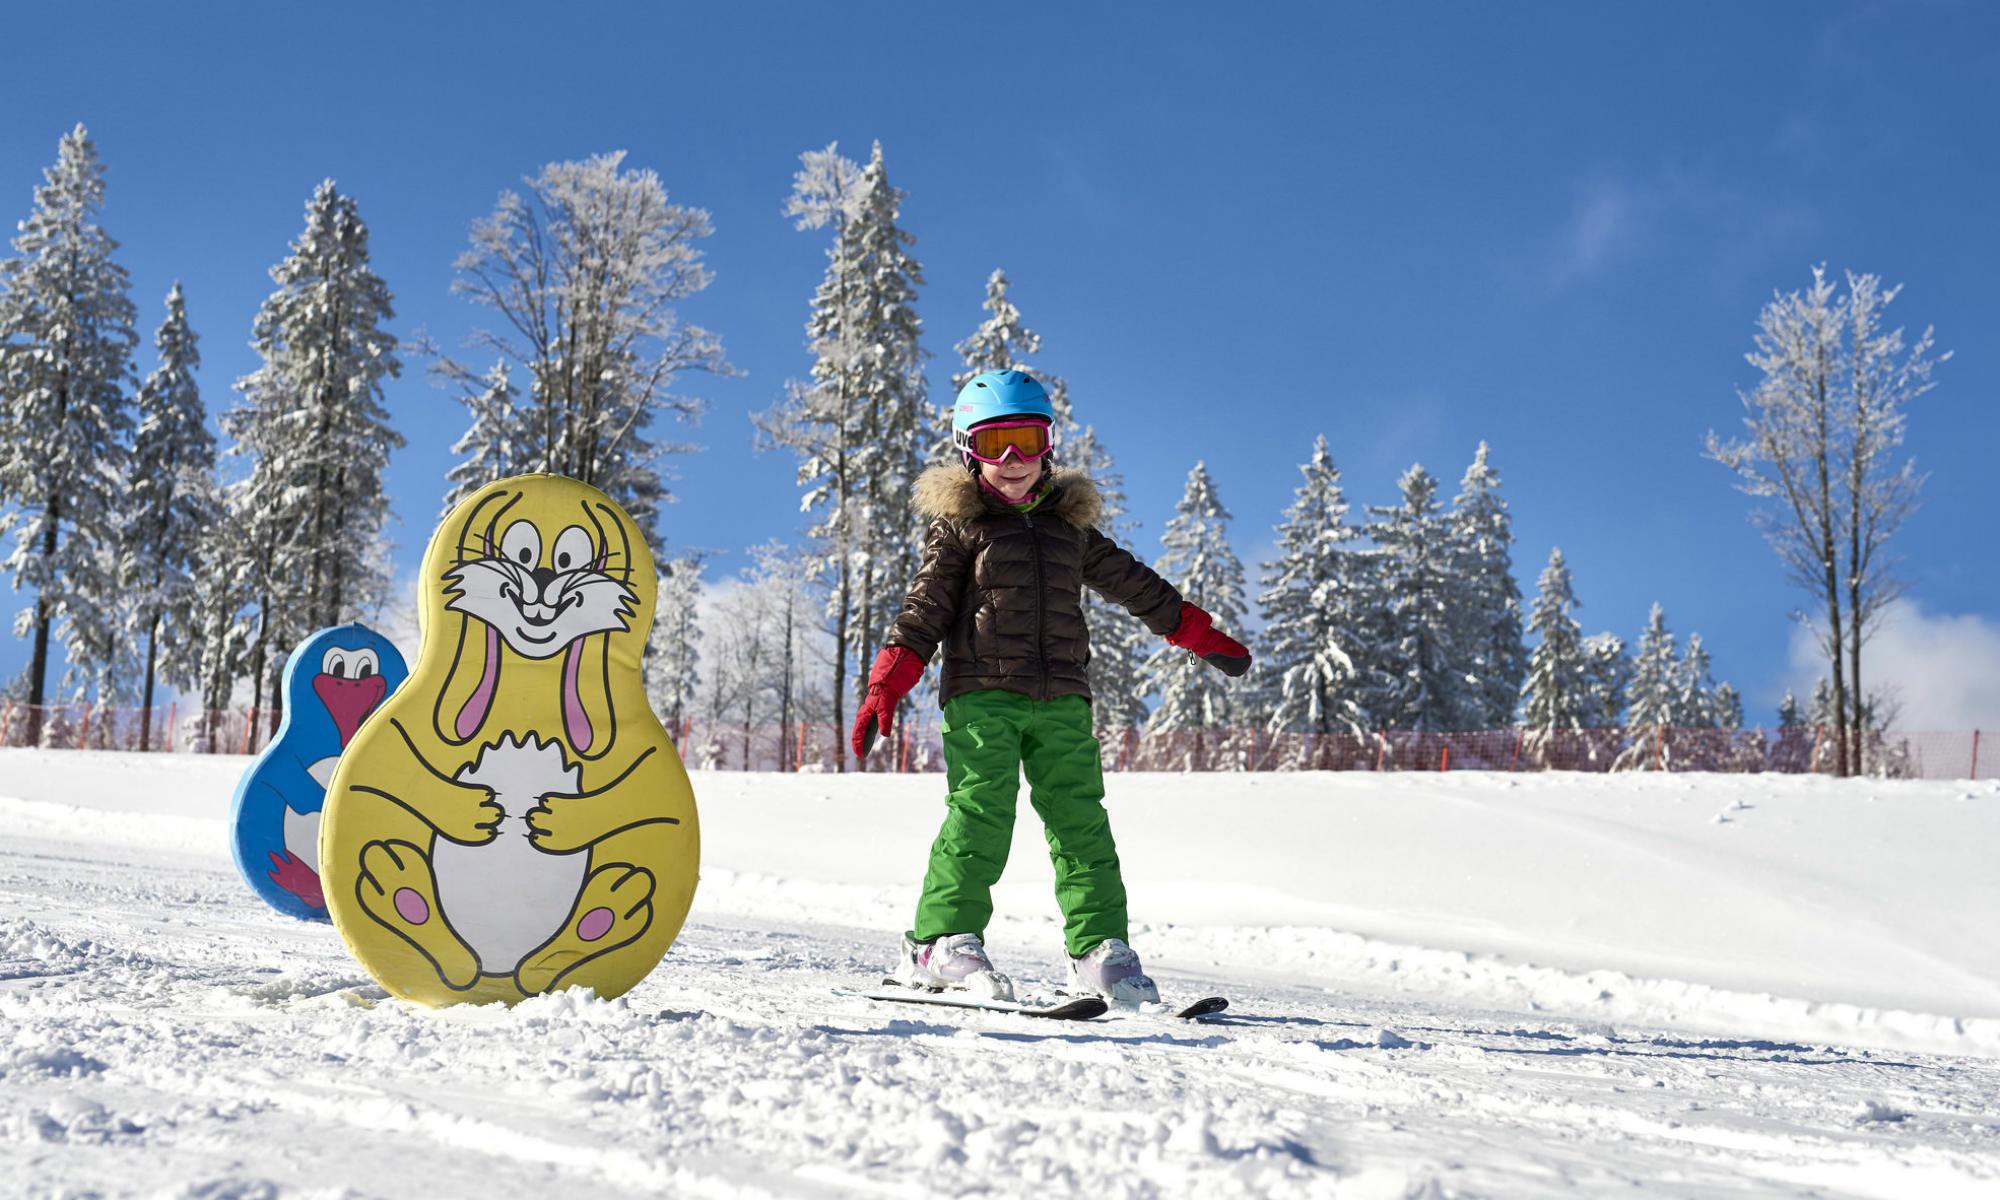 Ein Kind beim Üben der Skitechnik im ArBär Land am Großen Arber.